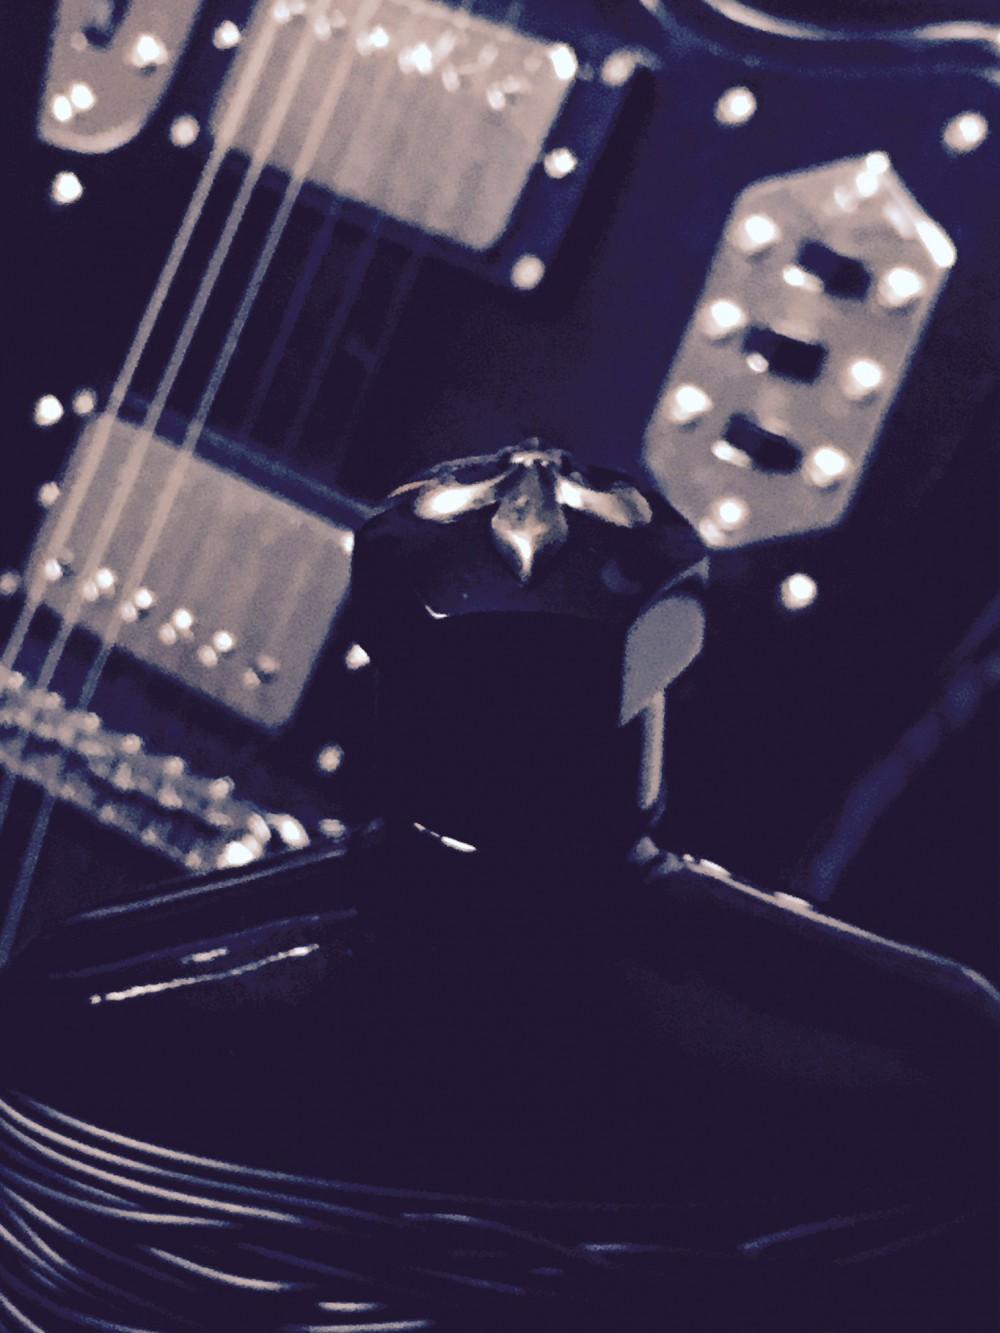 Perfektes Paar: Dark Rebel trifft Fender Jaguar /// Bild: Wolfgang Wieser